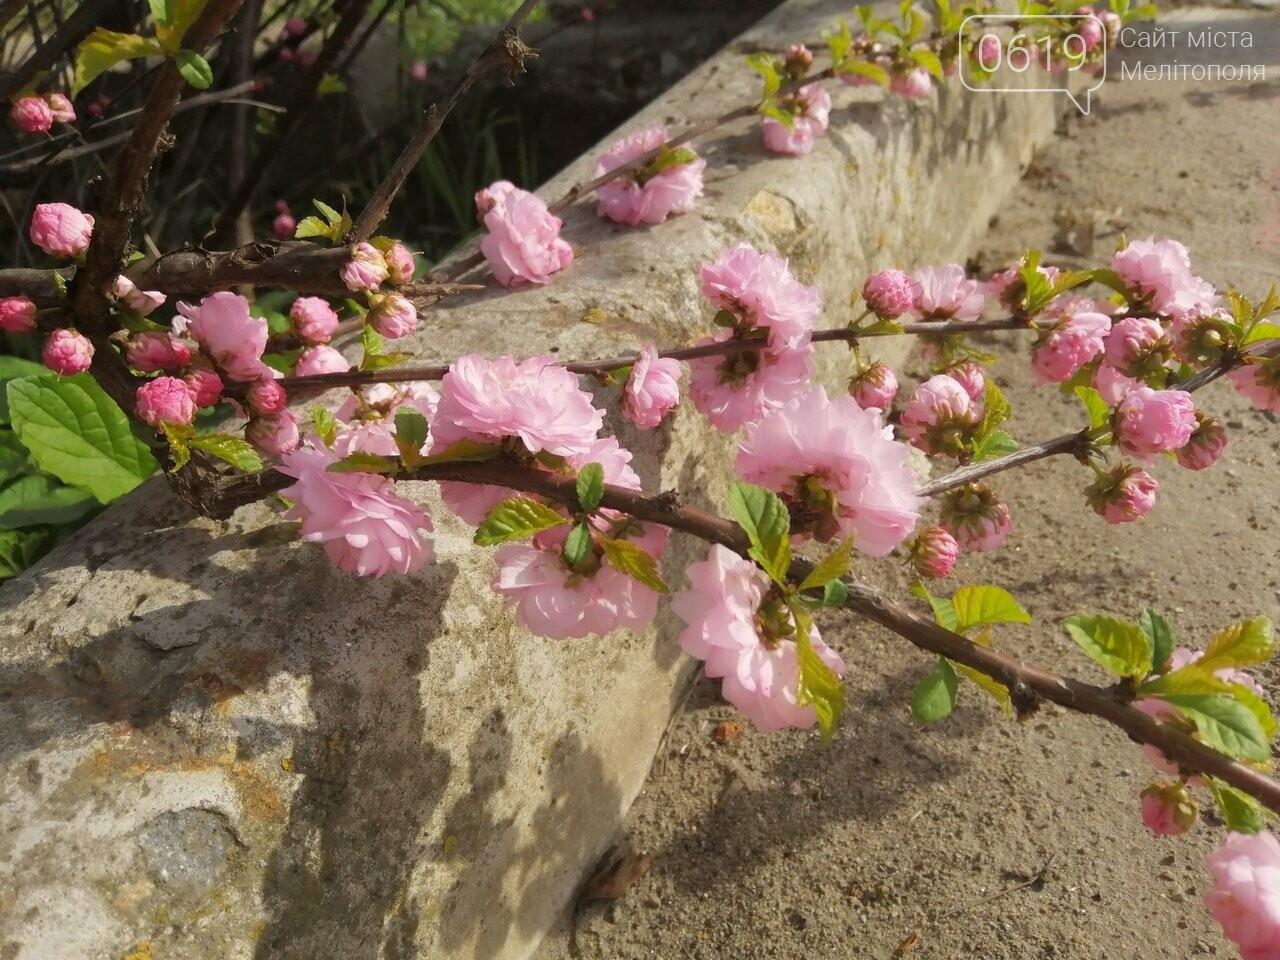 В Мелитополе расцвели майские розы, фото-4, Фото сайта 0619